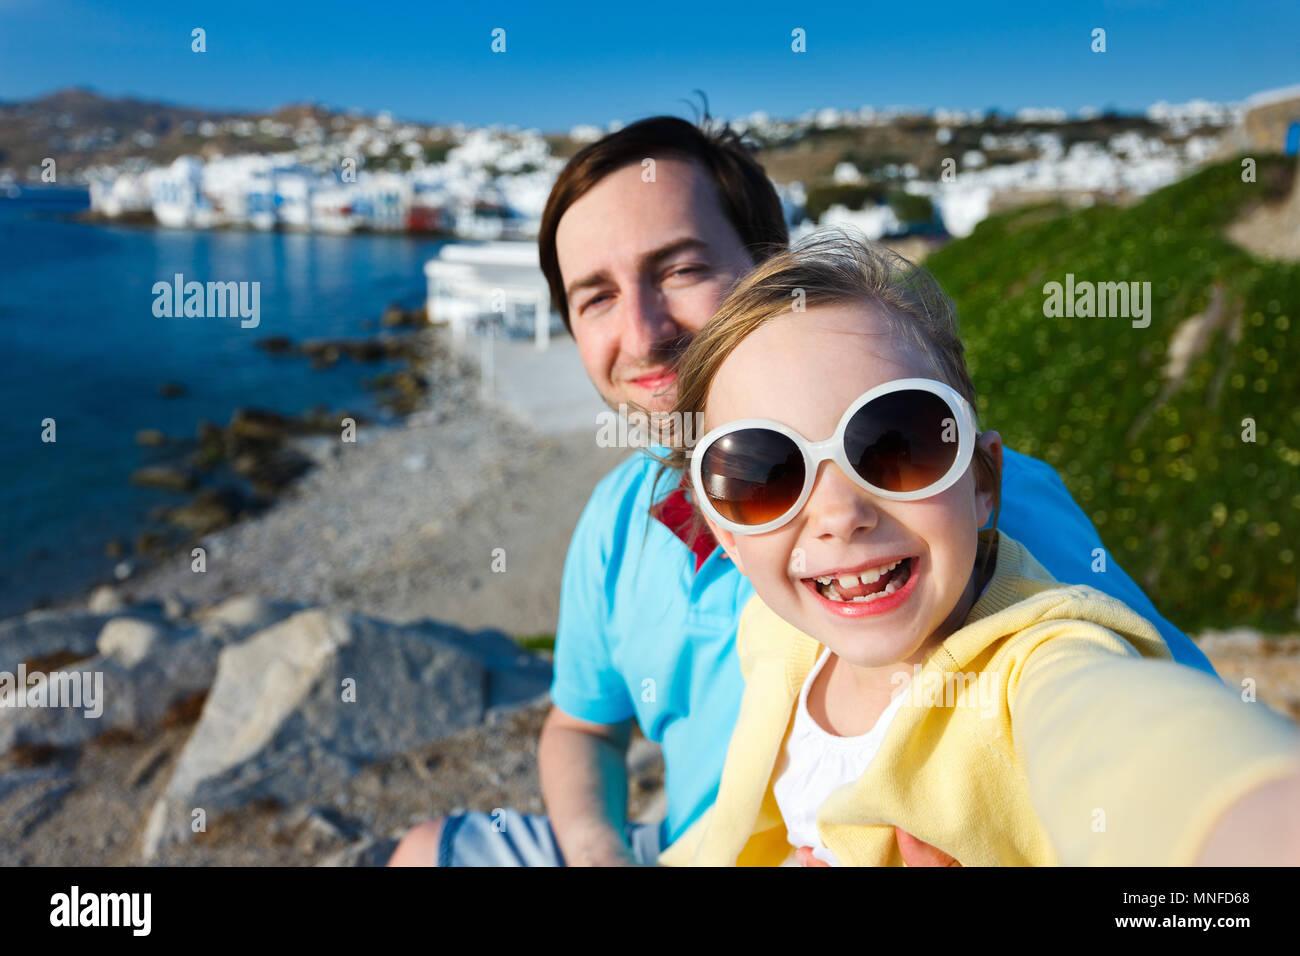 Glückliche Familie Vater und seine entzückende kleine Tochter auf den Urlaub nimmt selfie auf Klein Venedig Bereich auf der Insel Mykonos, Griechenland Stockbild